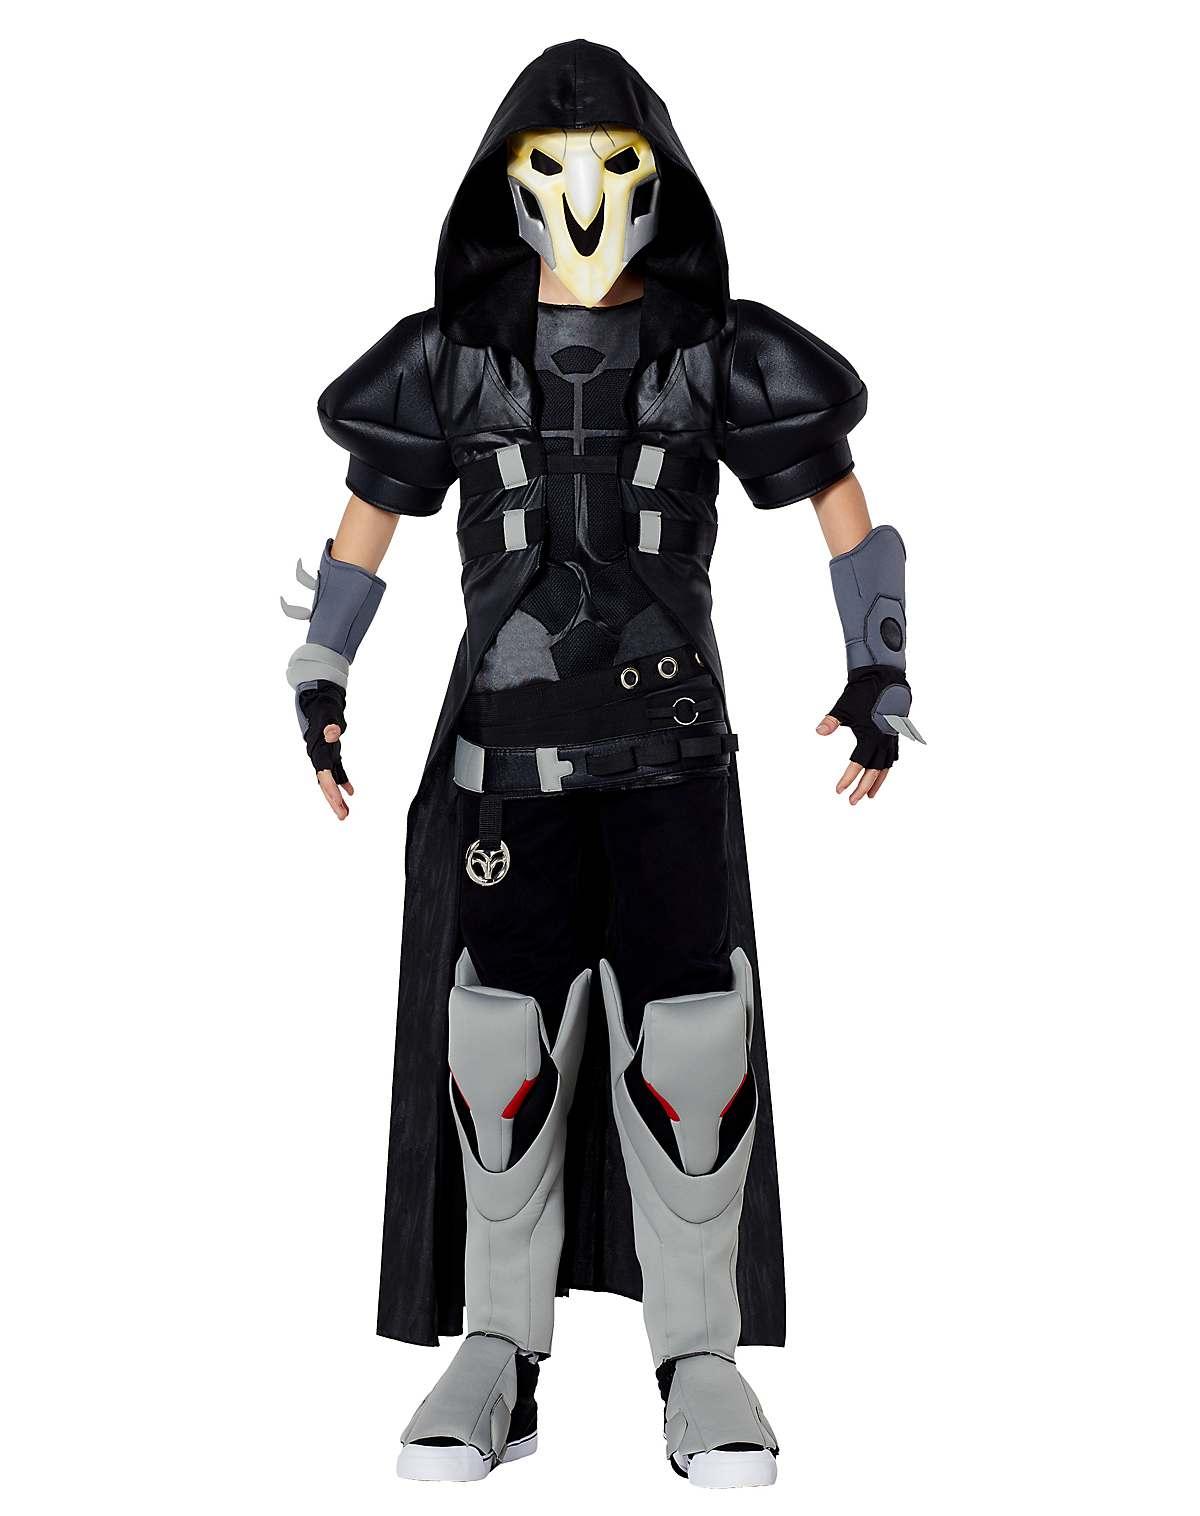 Kids Overwatch Costumes for Halloween